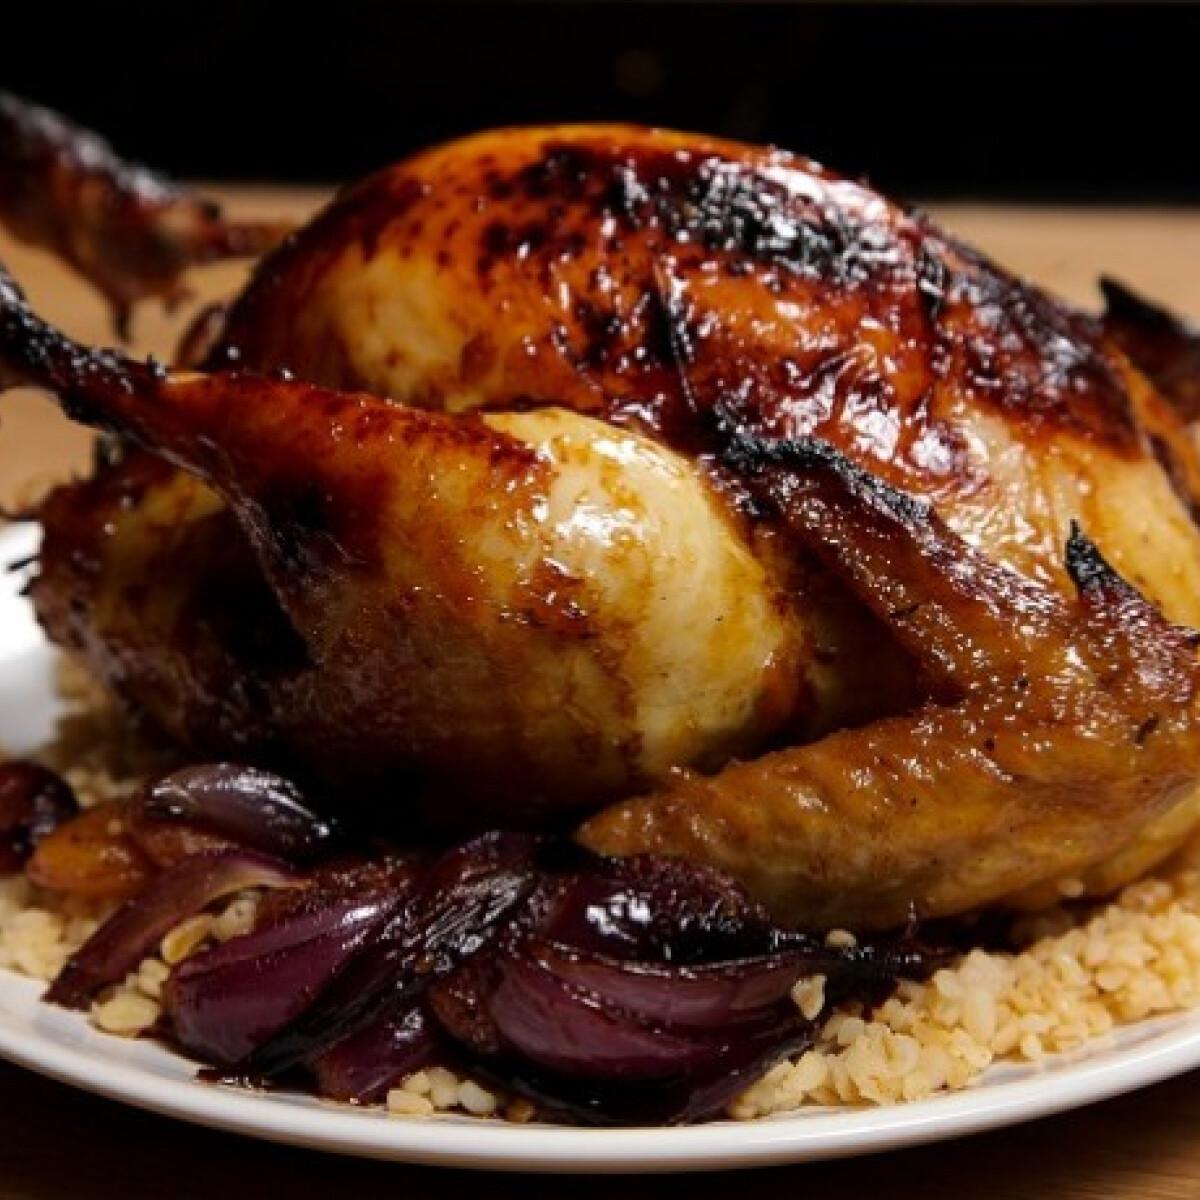 Ezen a képen: Sárgabarackos marokkói sült csirke bulgurral